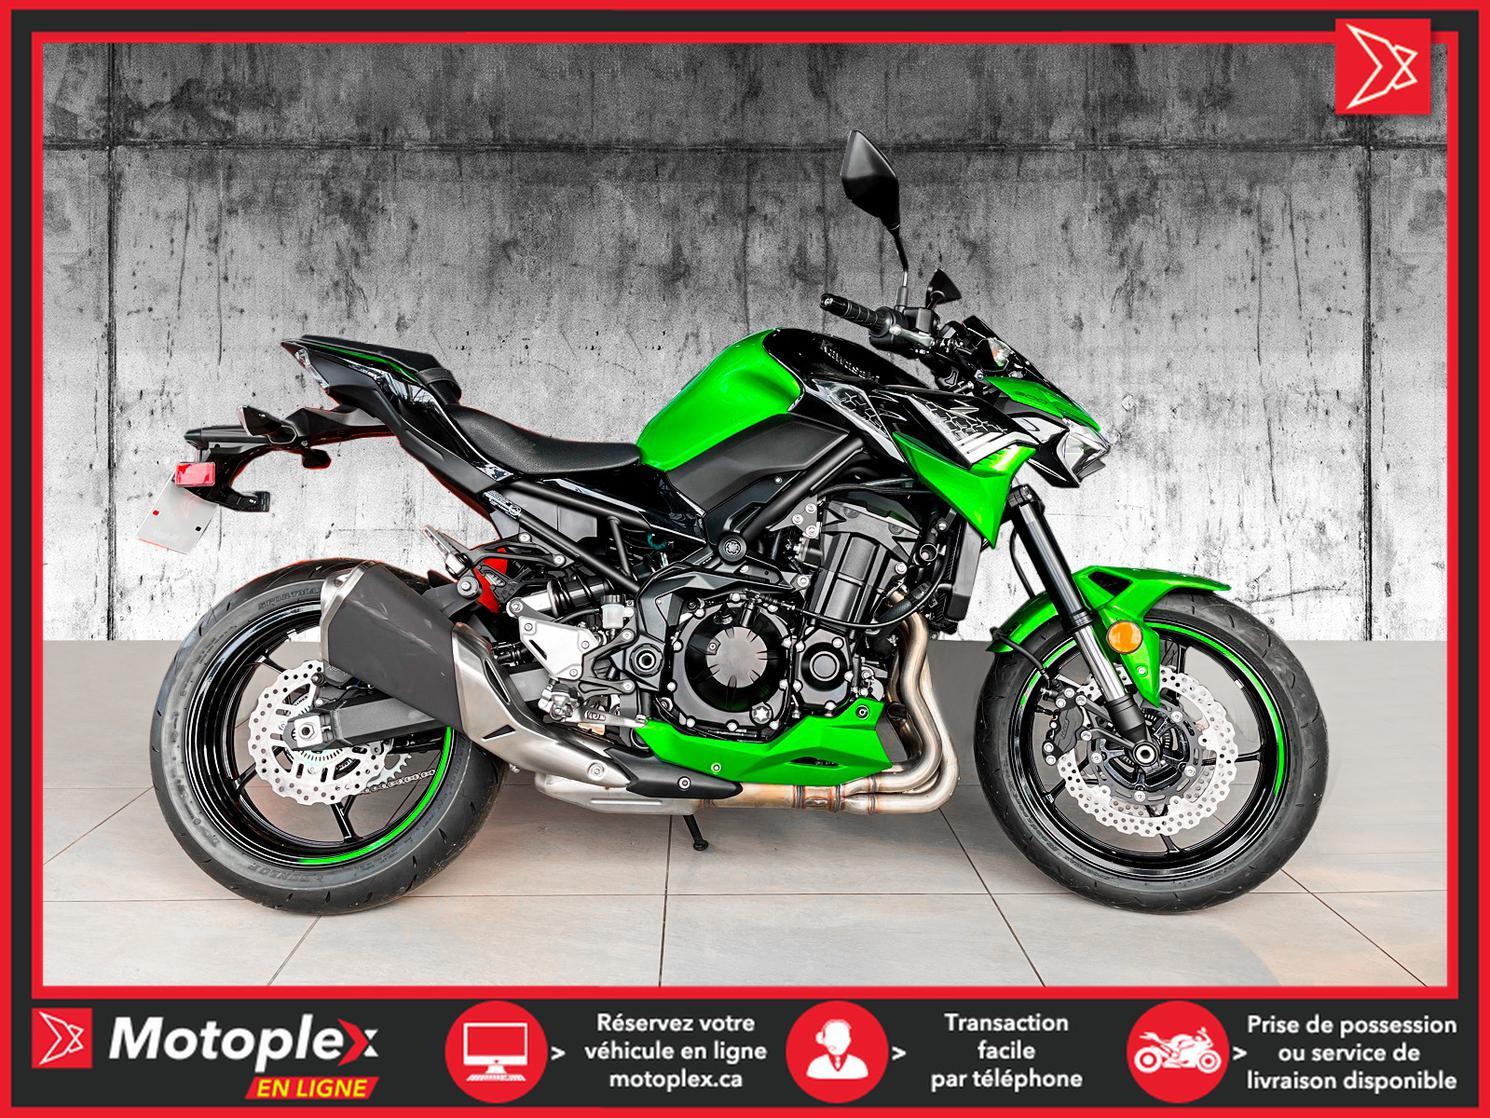 KM38VNL Kawasaki Z900 ABS 2020